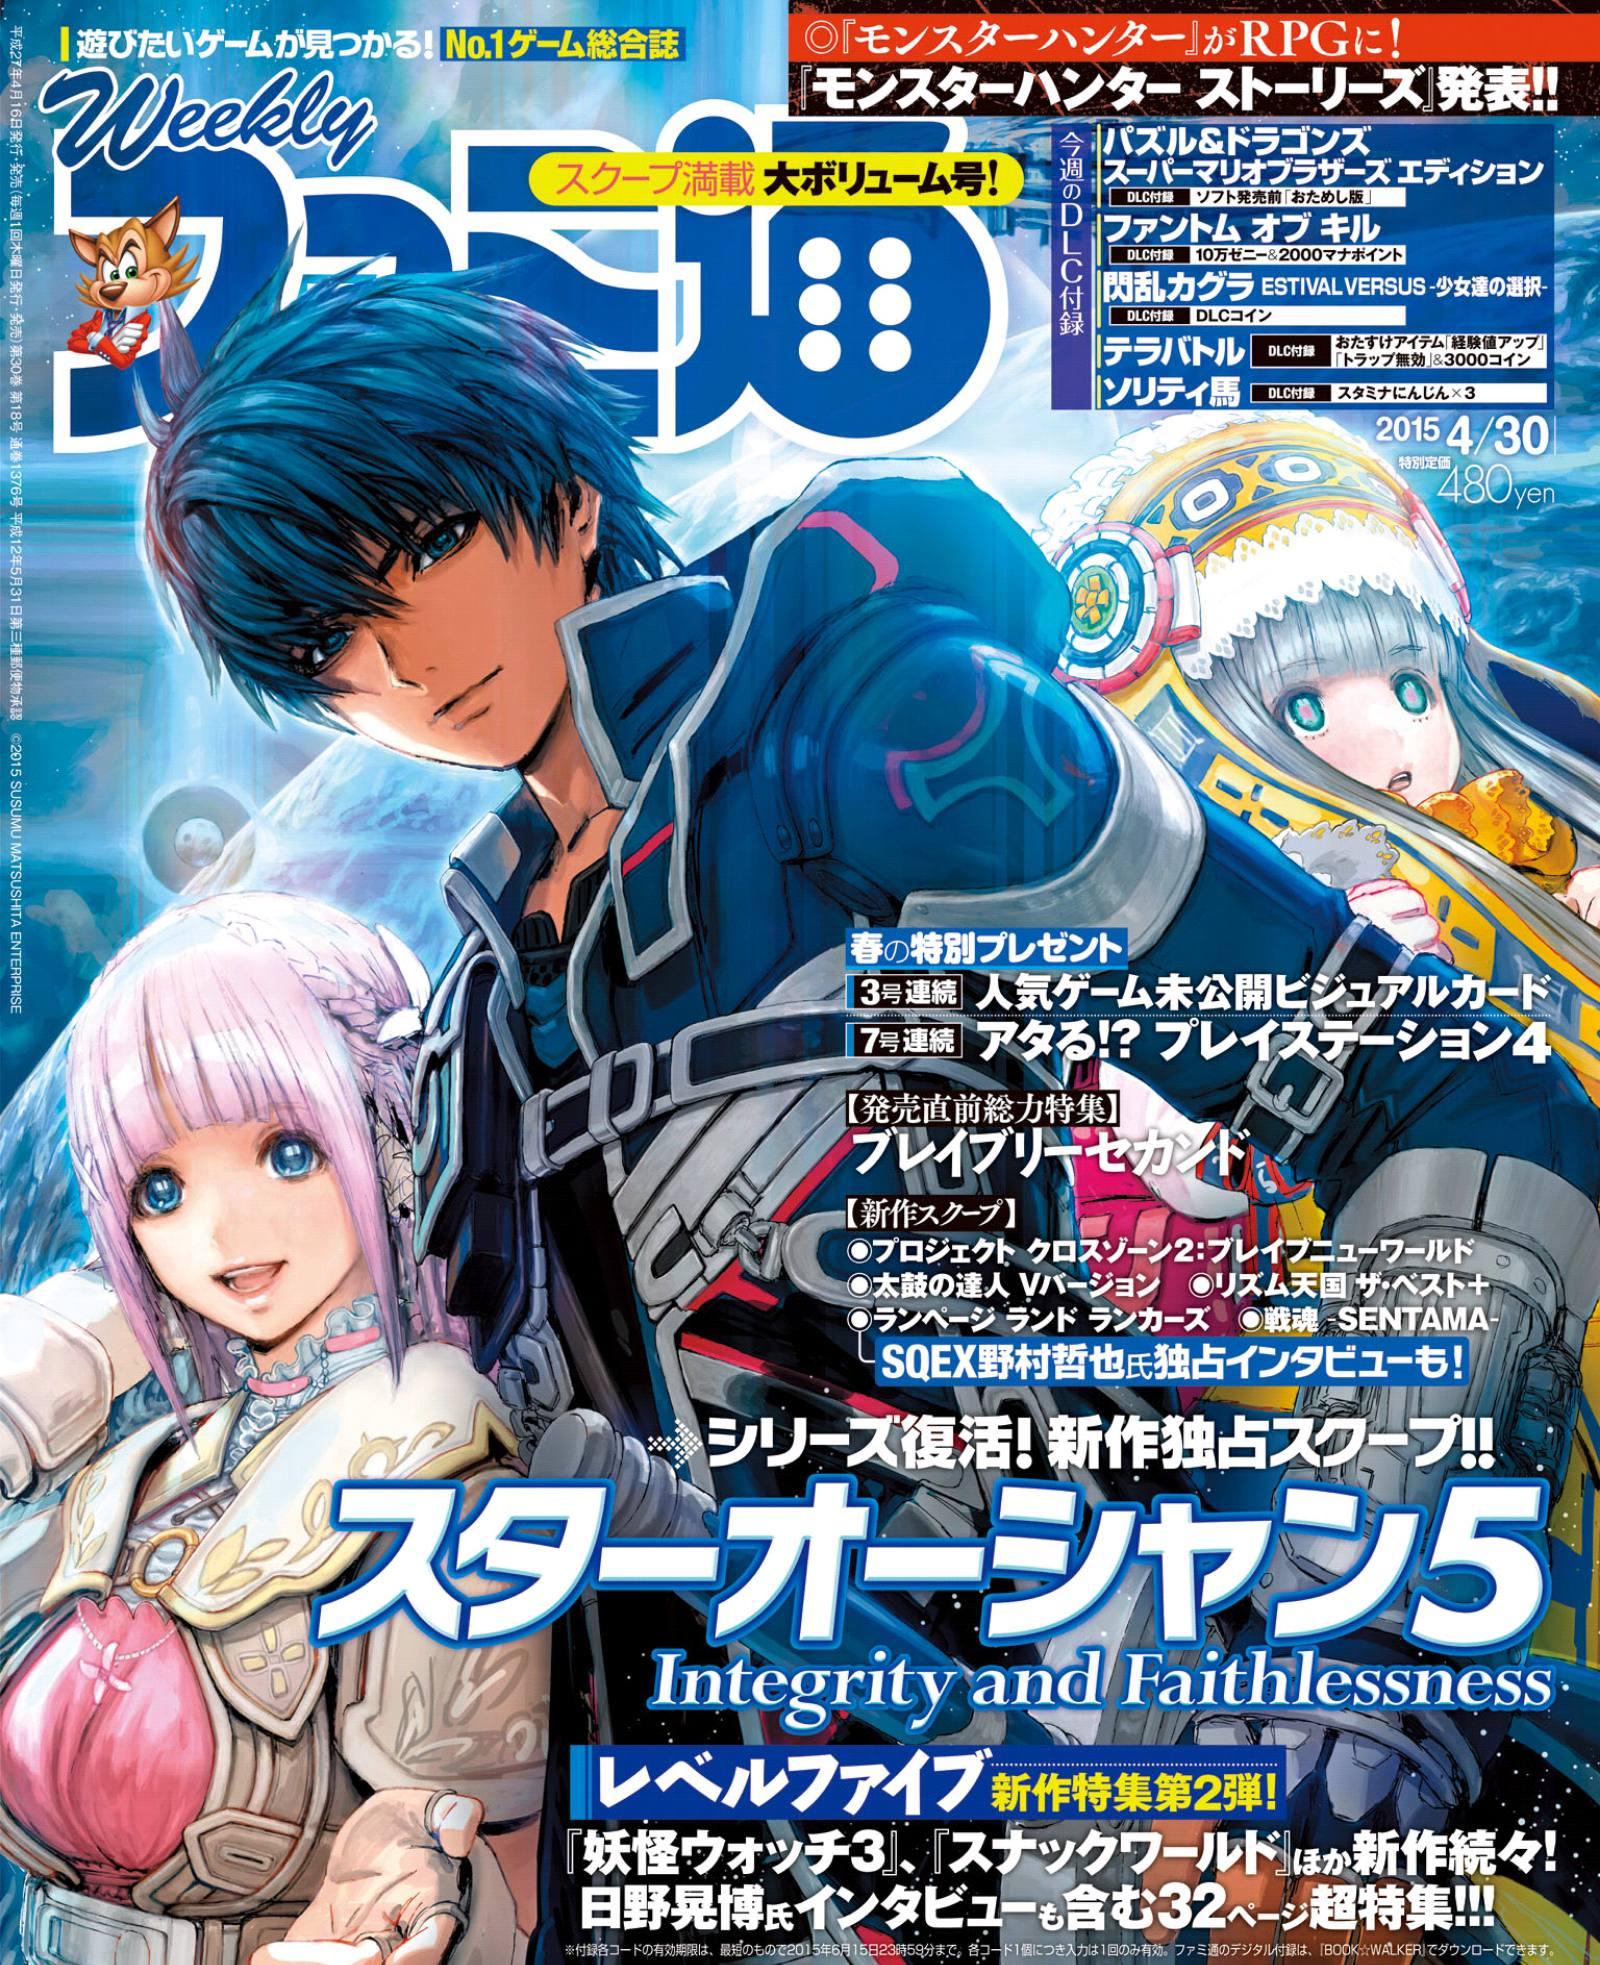 Famitsu 1376